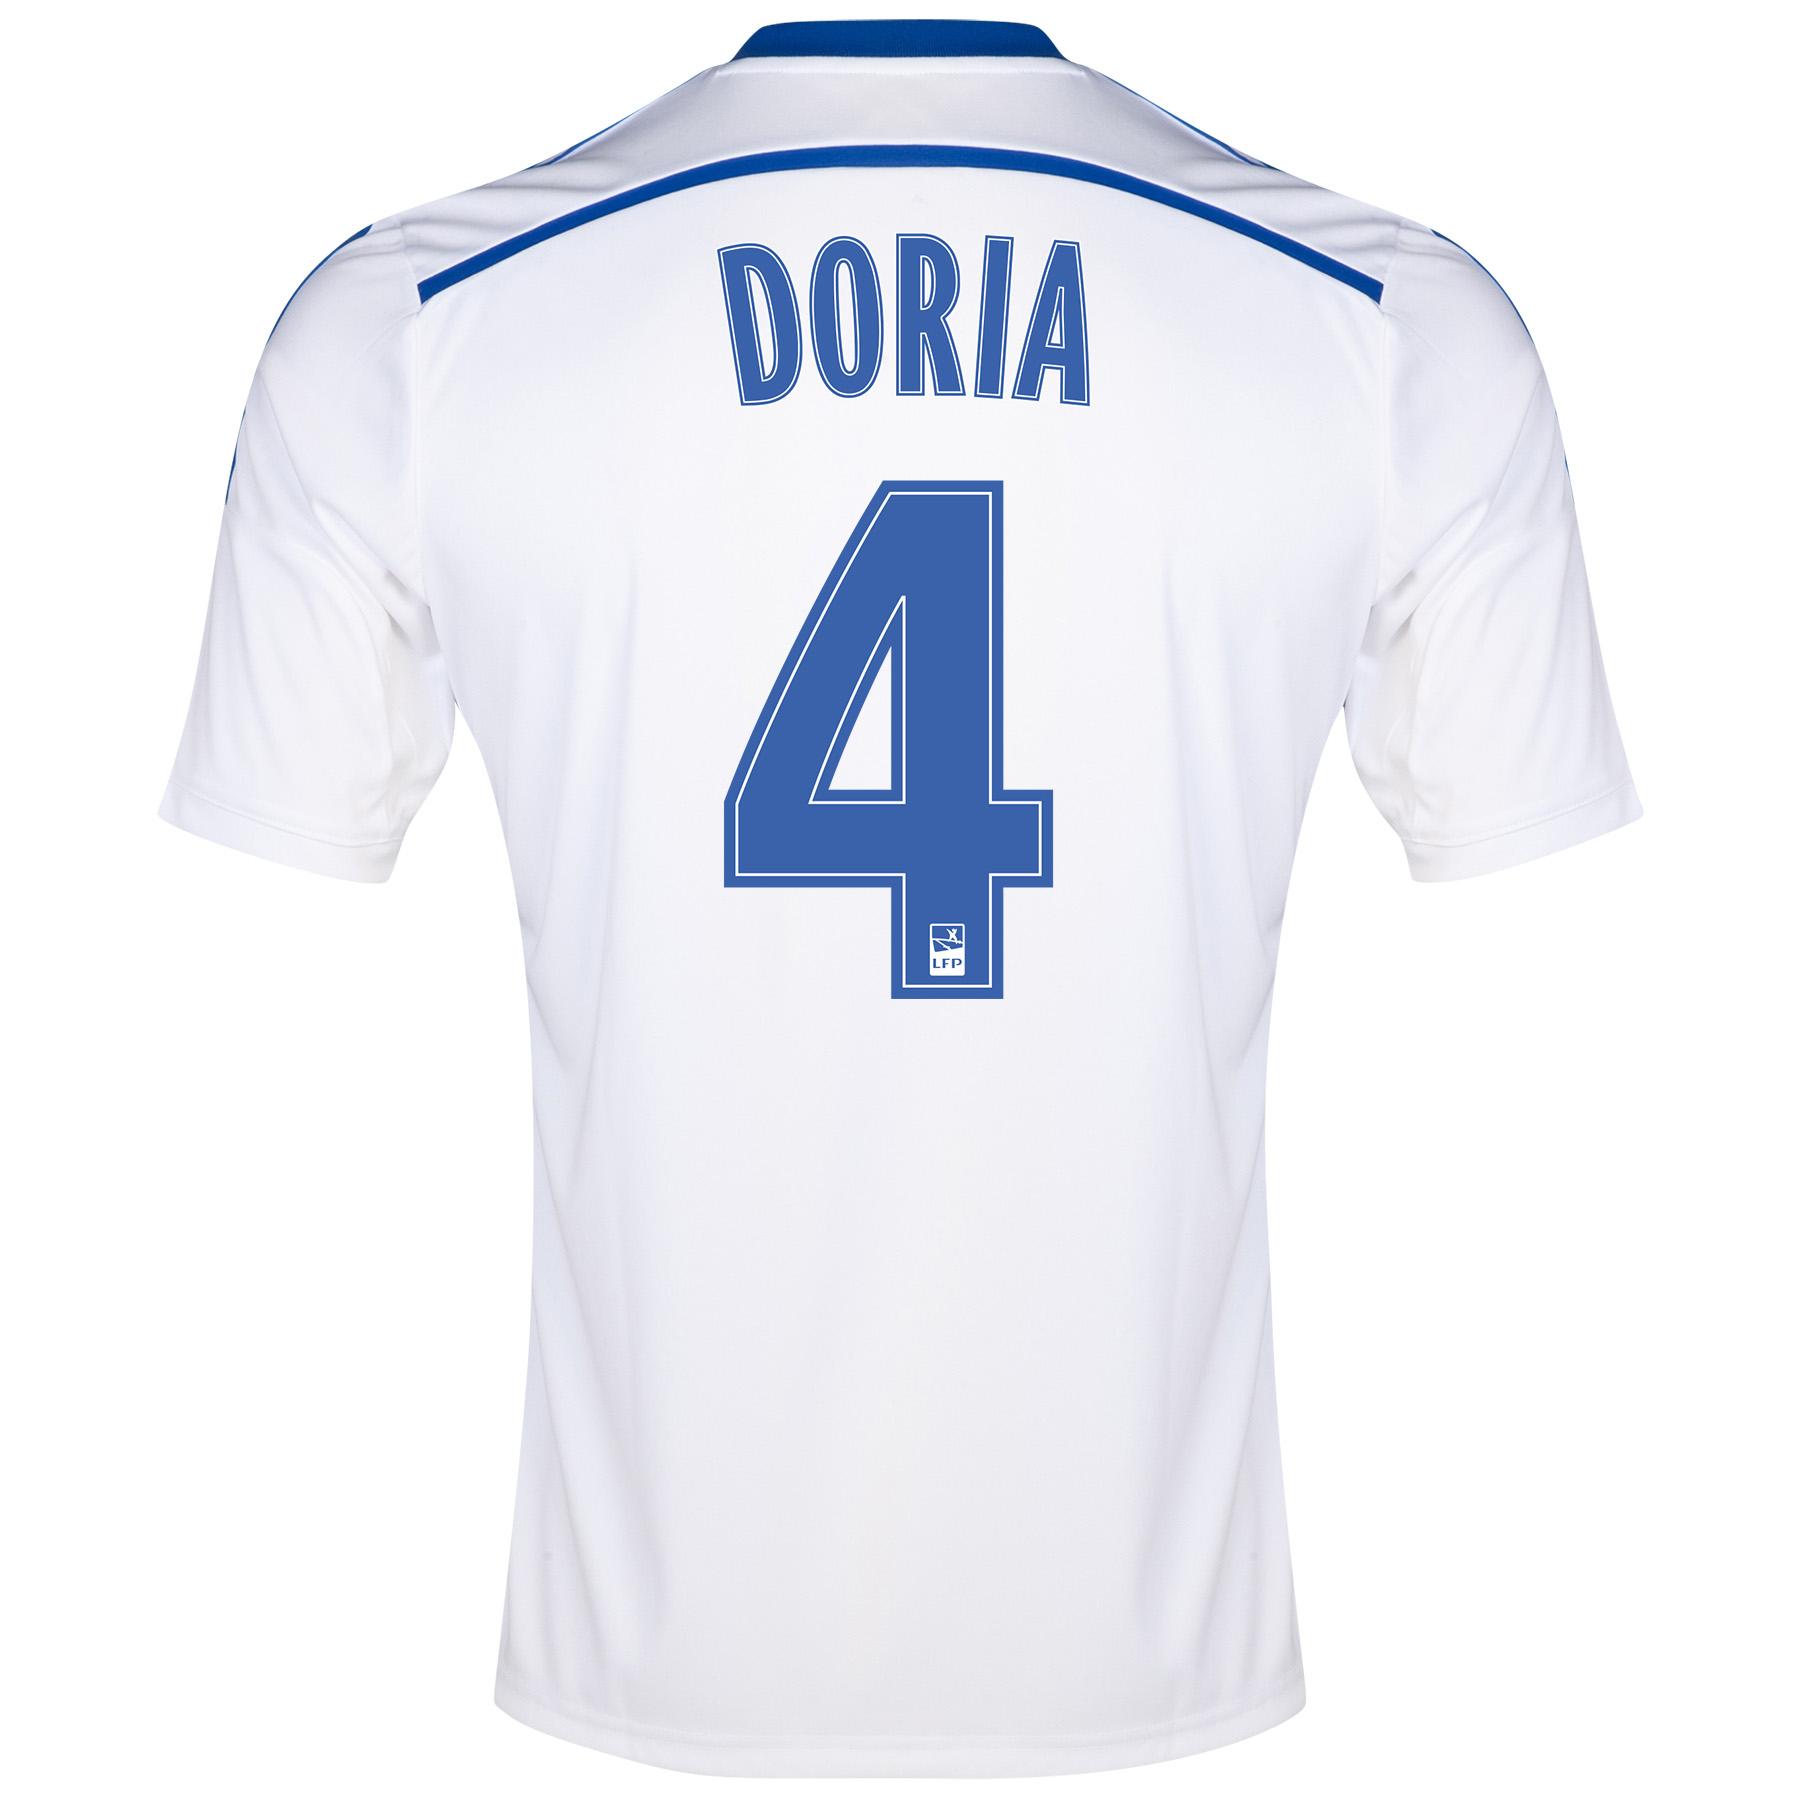 Olympique de Marseille Home Shirt Short Sleeve 2014/15 White with Doria 4 printing